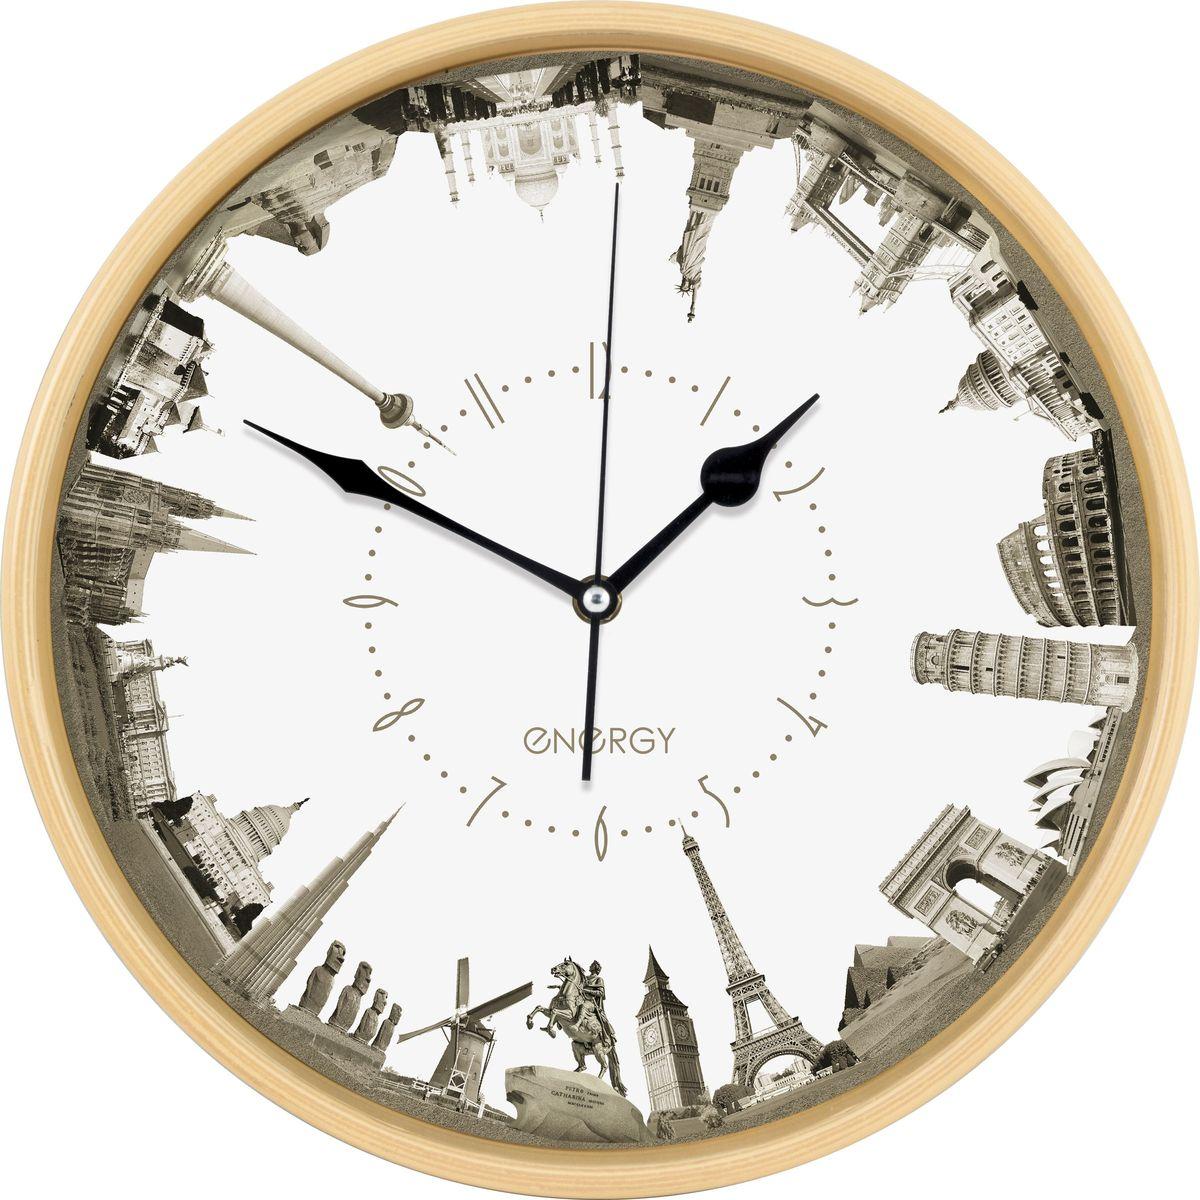 Energy ЕС-109 настенные часыЕС-109Настенные кварцевые часы с плавным ходом Energy ЕС-109 имеют оригинальный яркий дизайн и поэтому подойдут для вашего дома или офиса, декорированного в подобном стиле. Крупные цифры отлично различимы даже в условиях плохого освещения. Питание осуществляется от 1 батарейки типа АА (в комплект не входит).